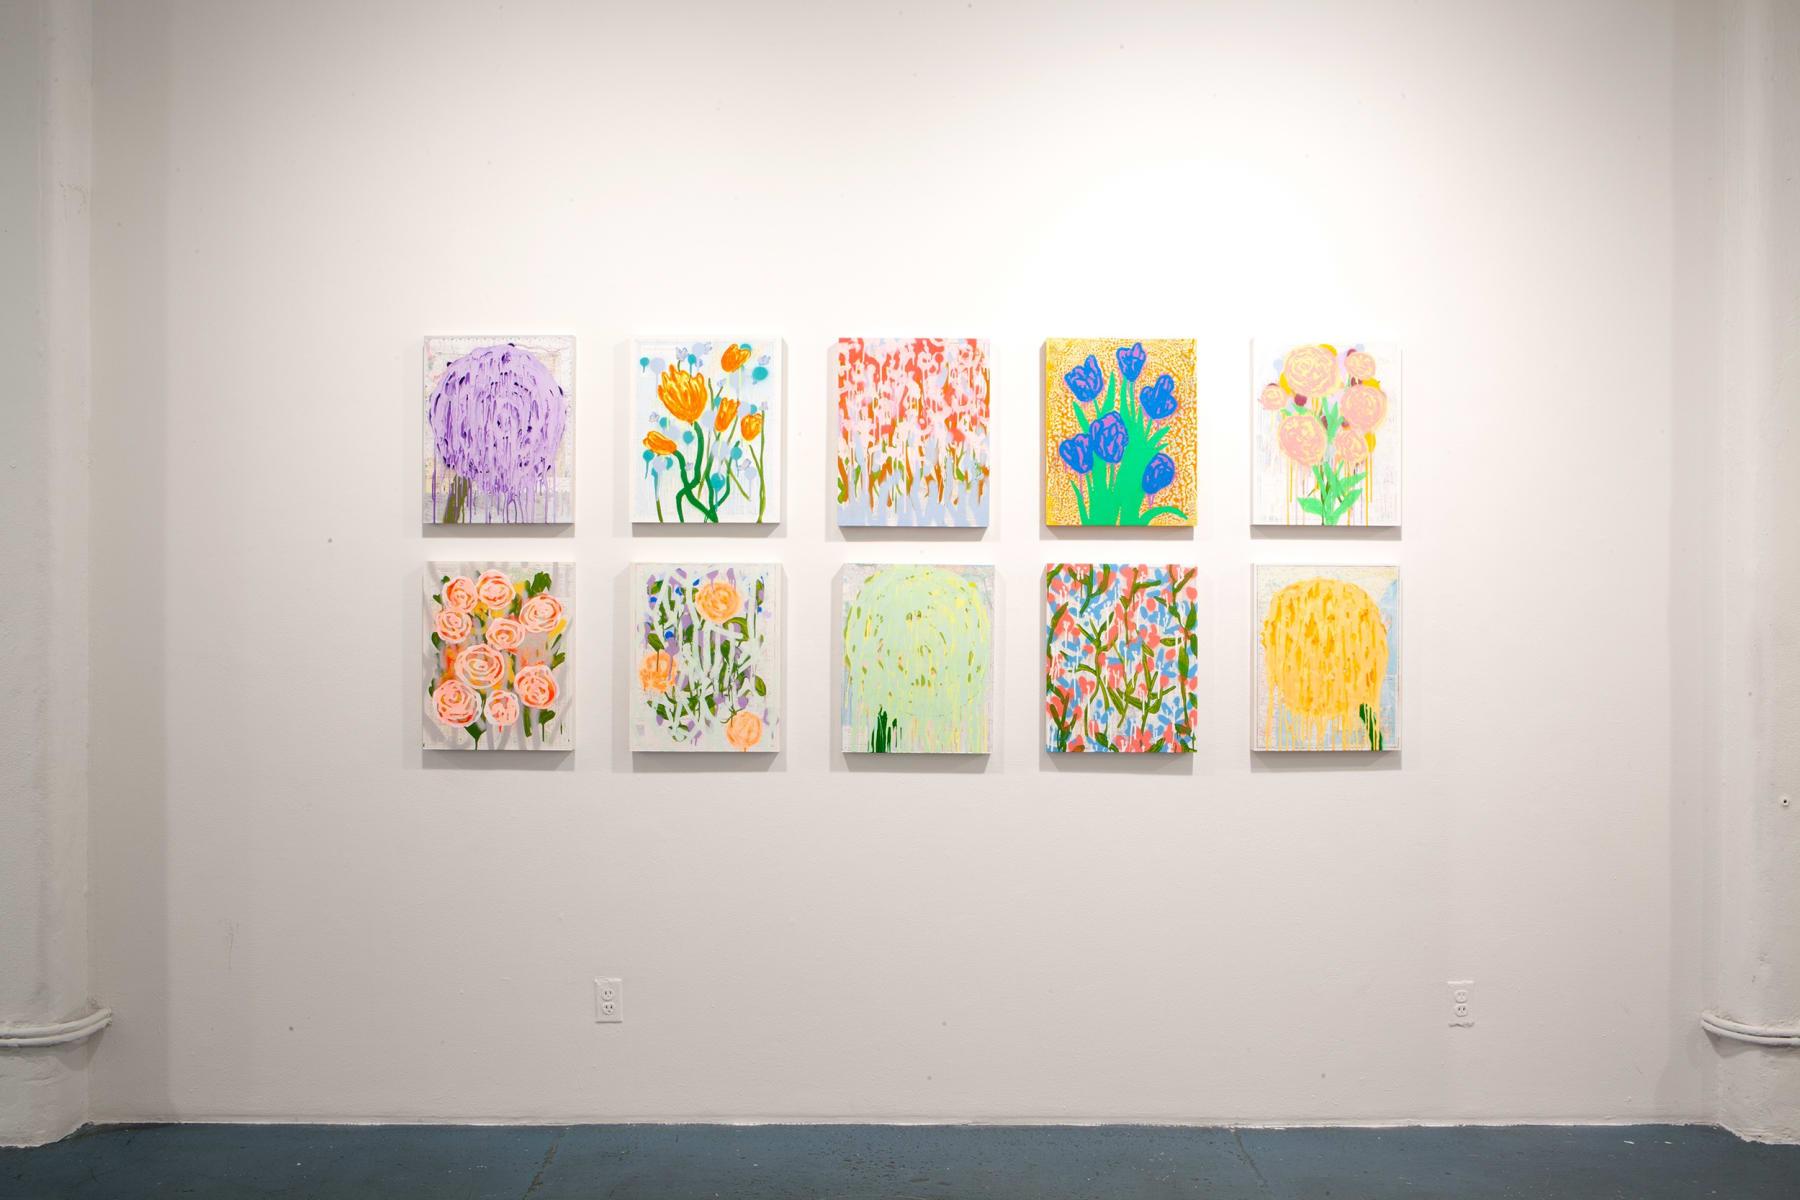 Rush Arts Gallery, New York, New York